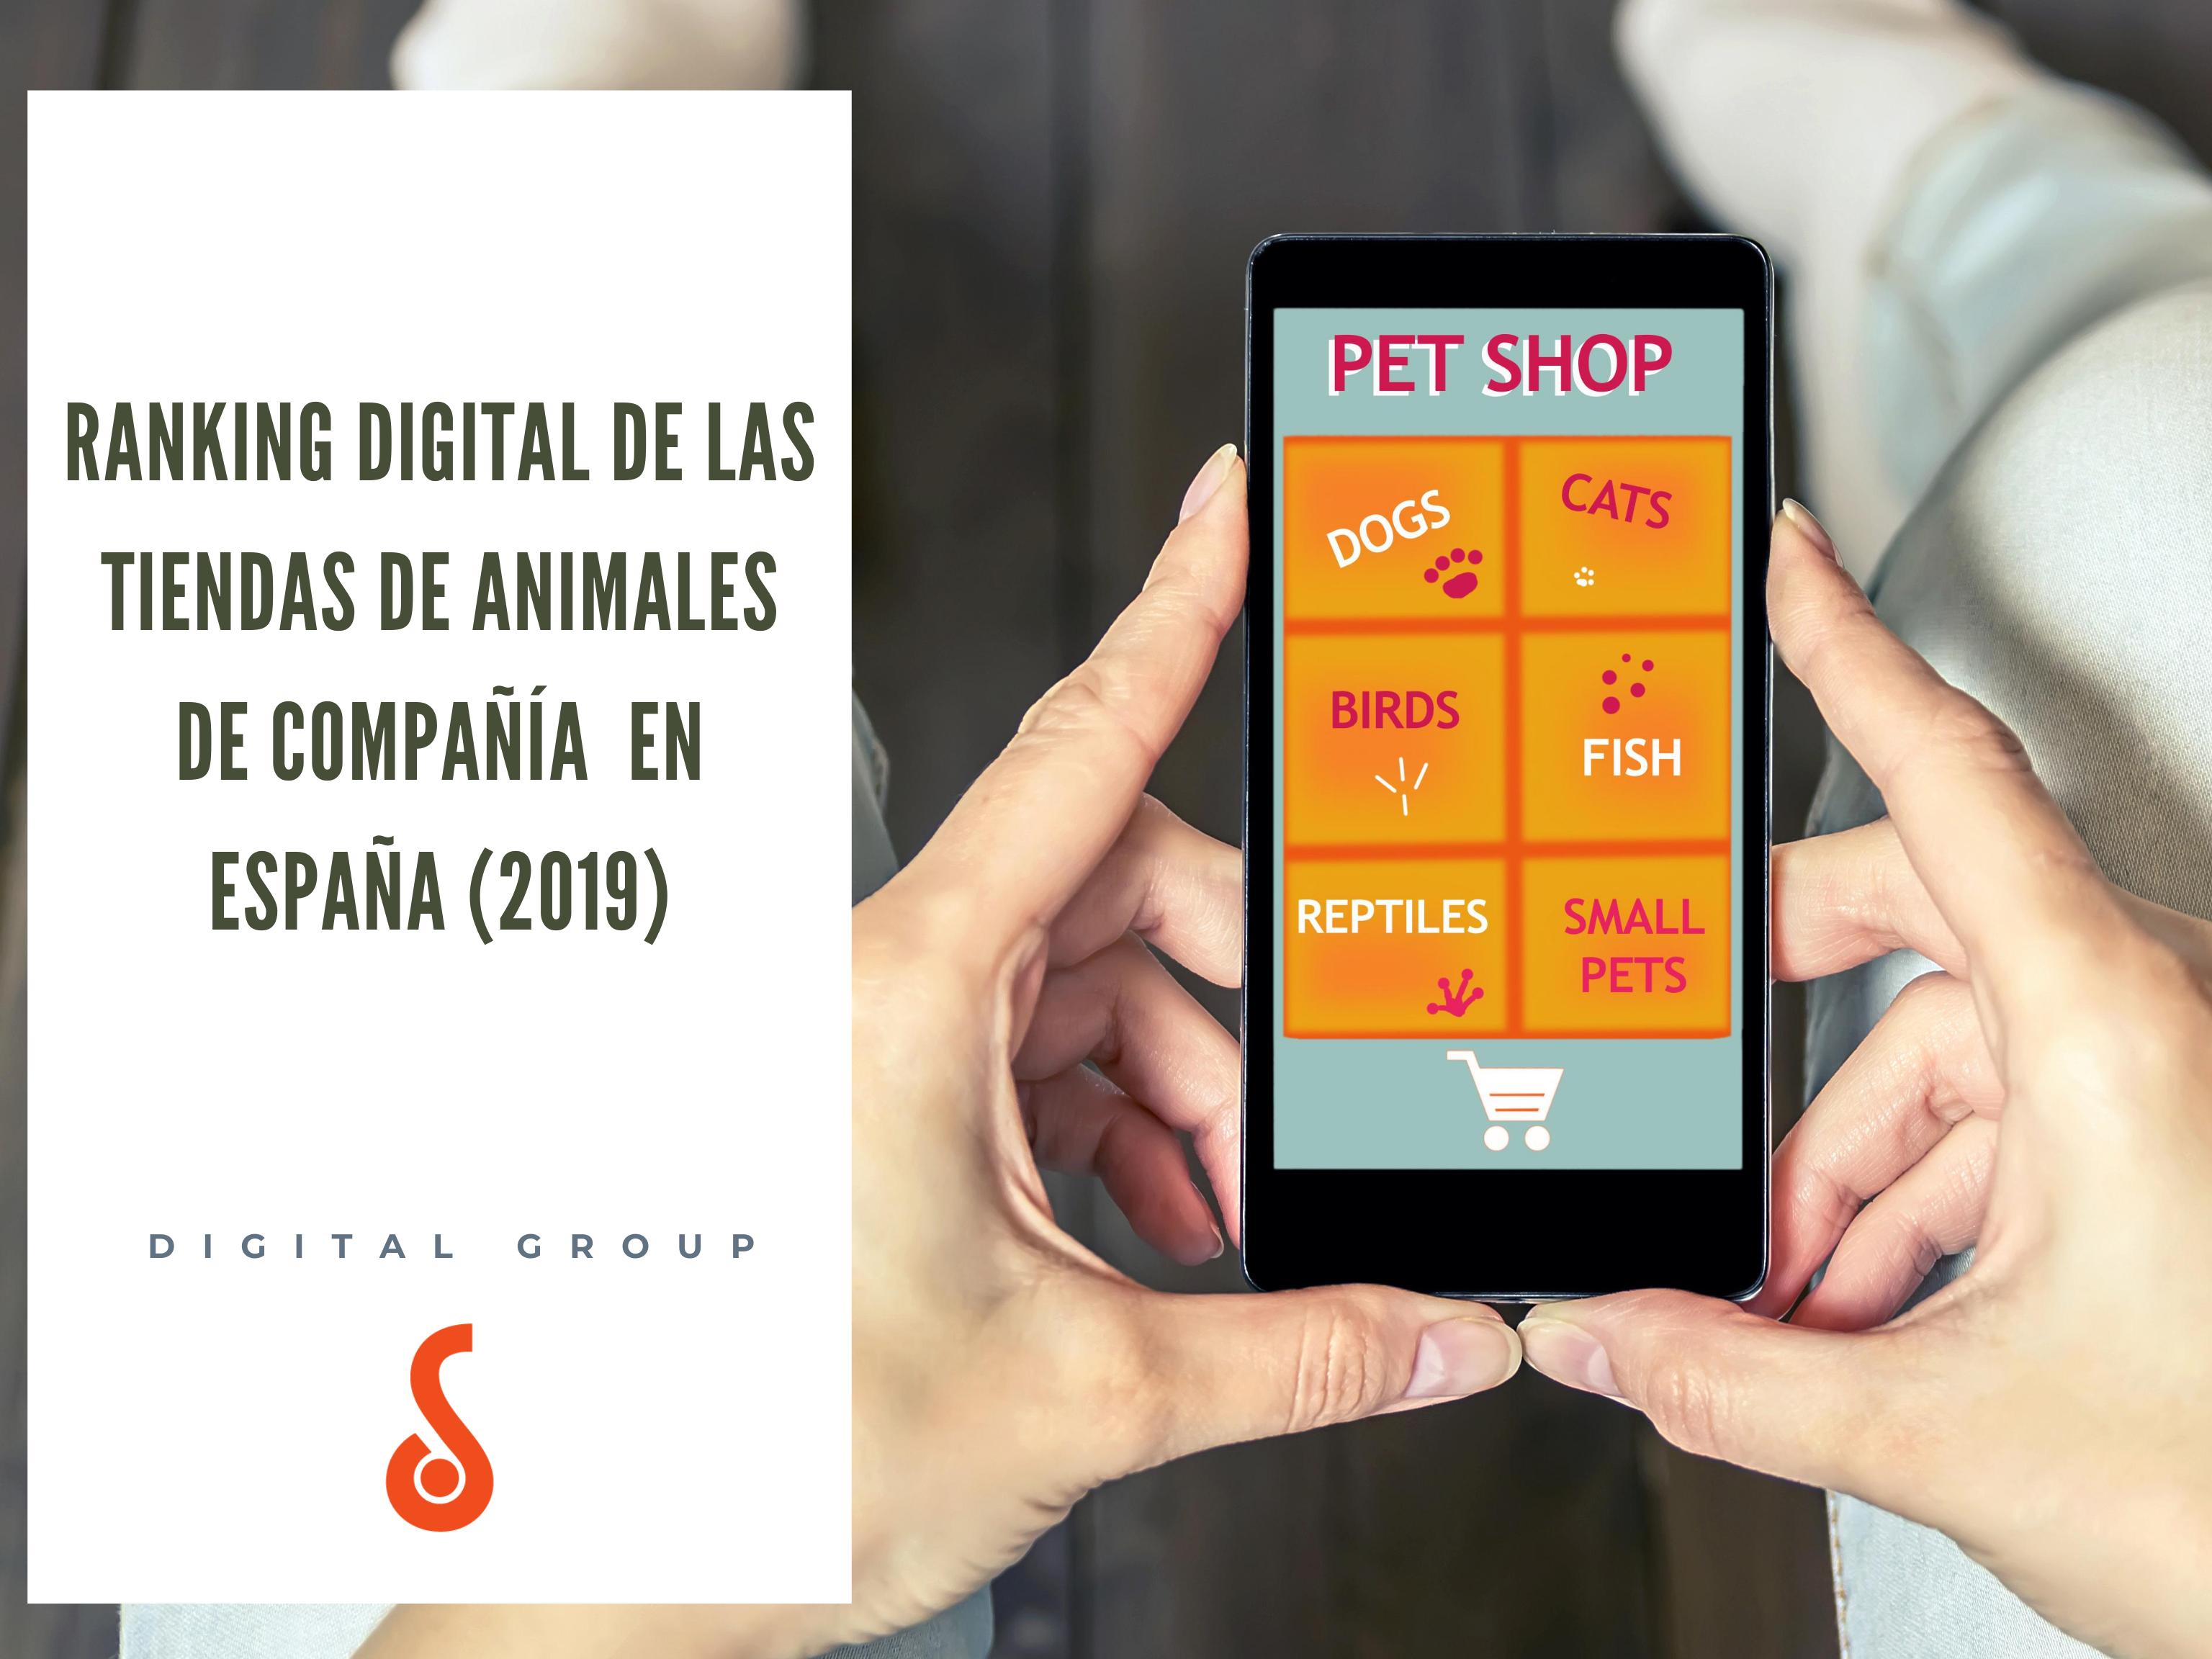 Ranking Digital de las Tiendas de Animales de Compañía en España (2019) -  DigitalGroup.es